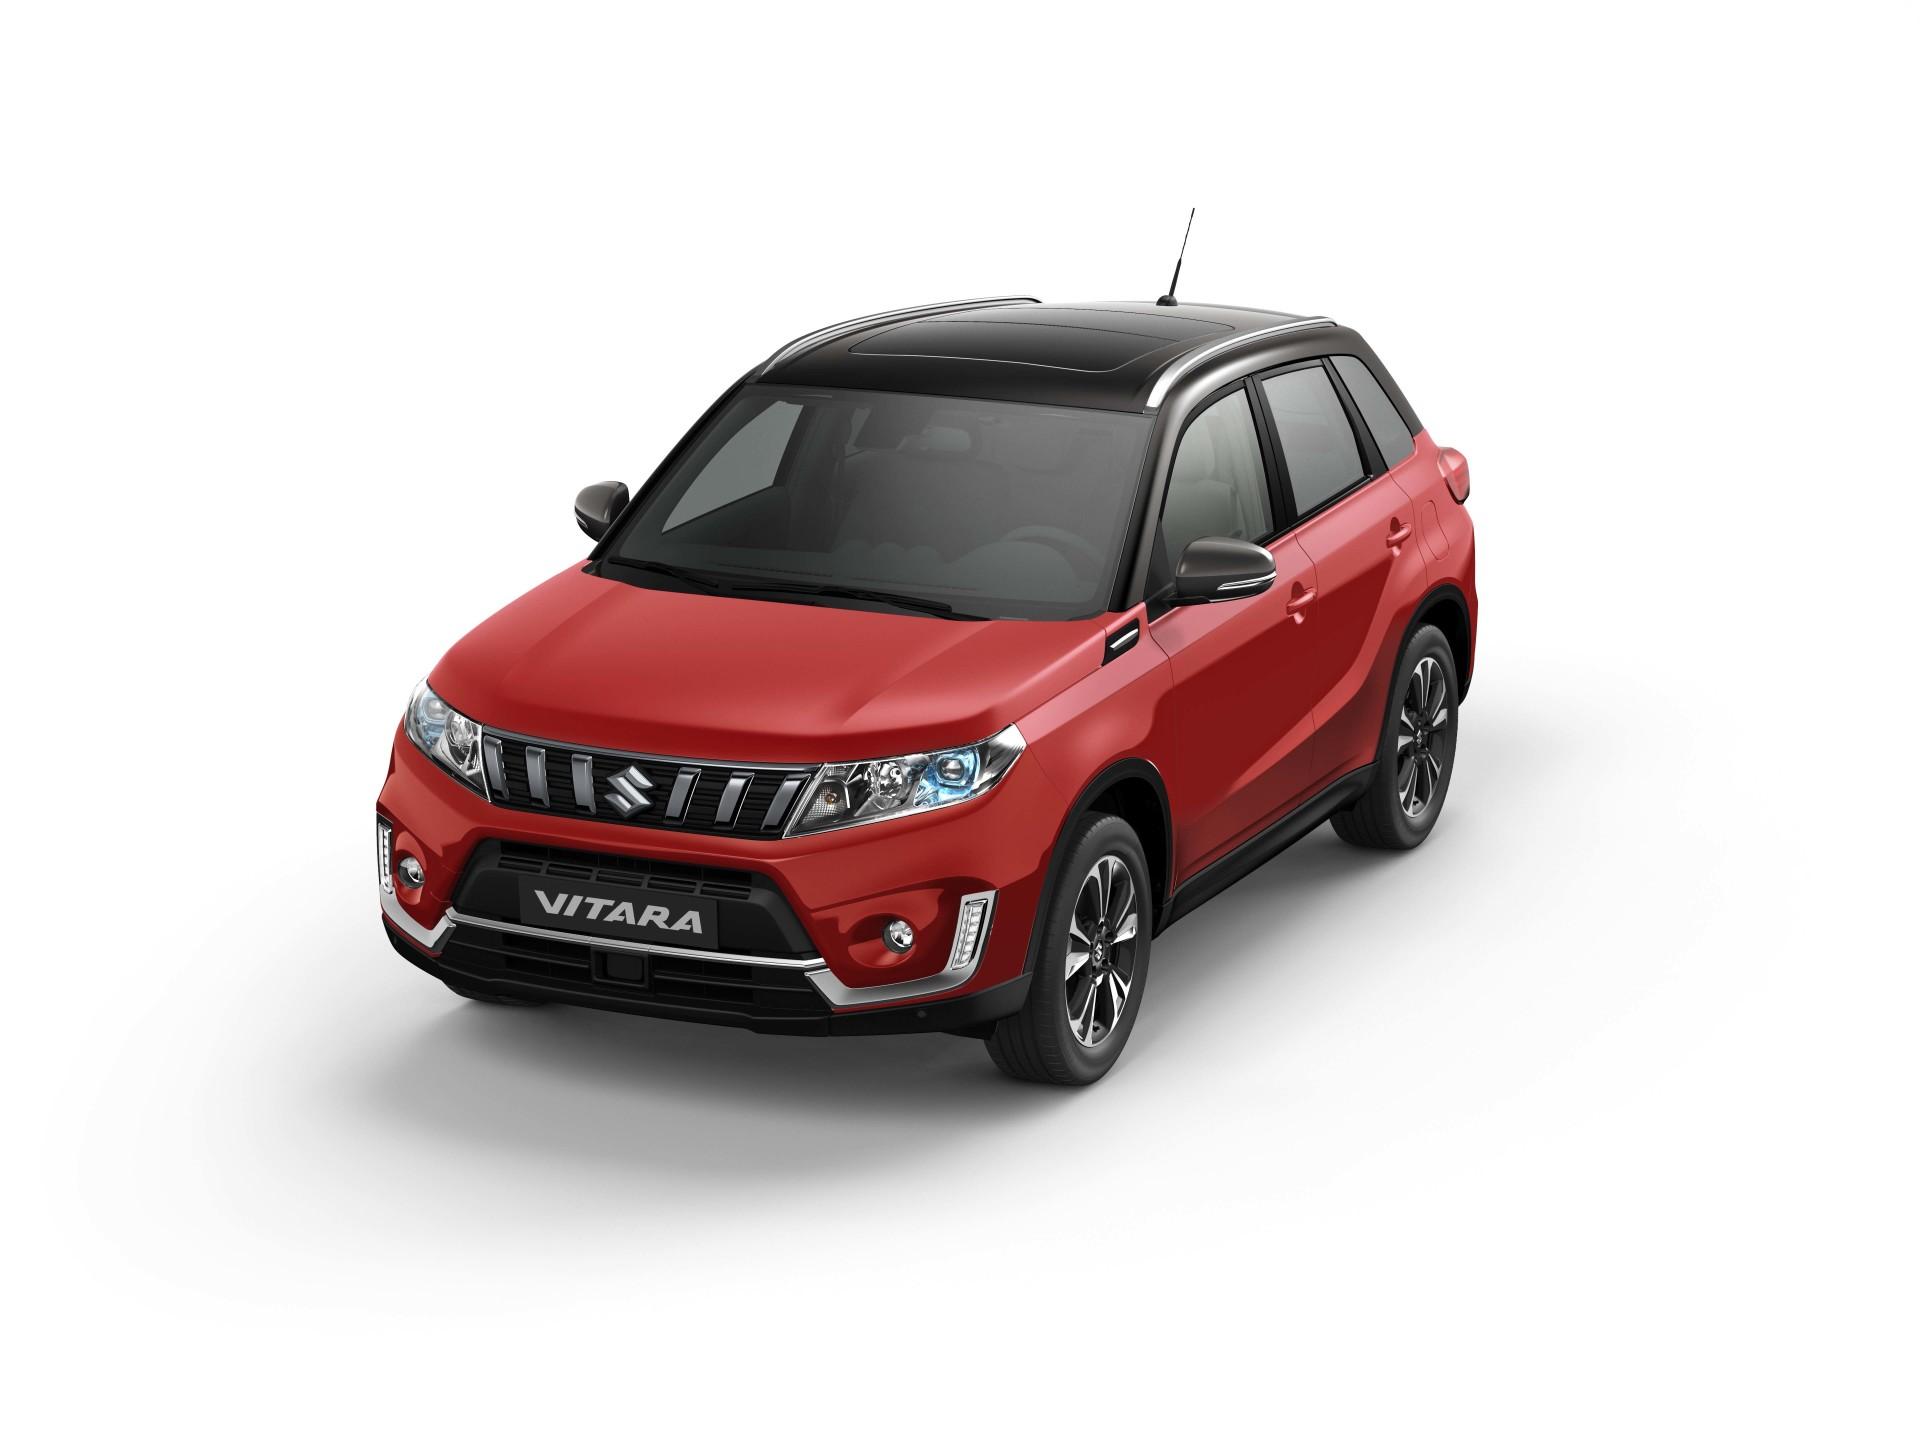 Suzuki Vitara 2018 508